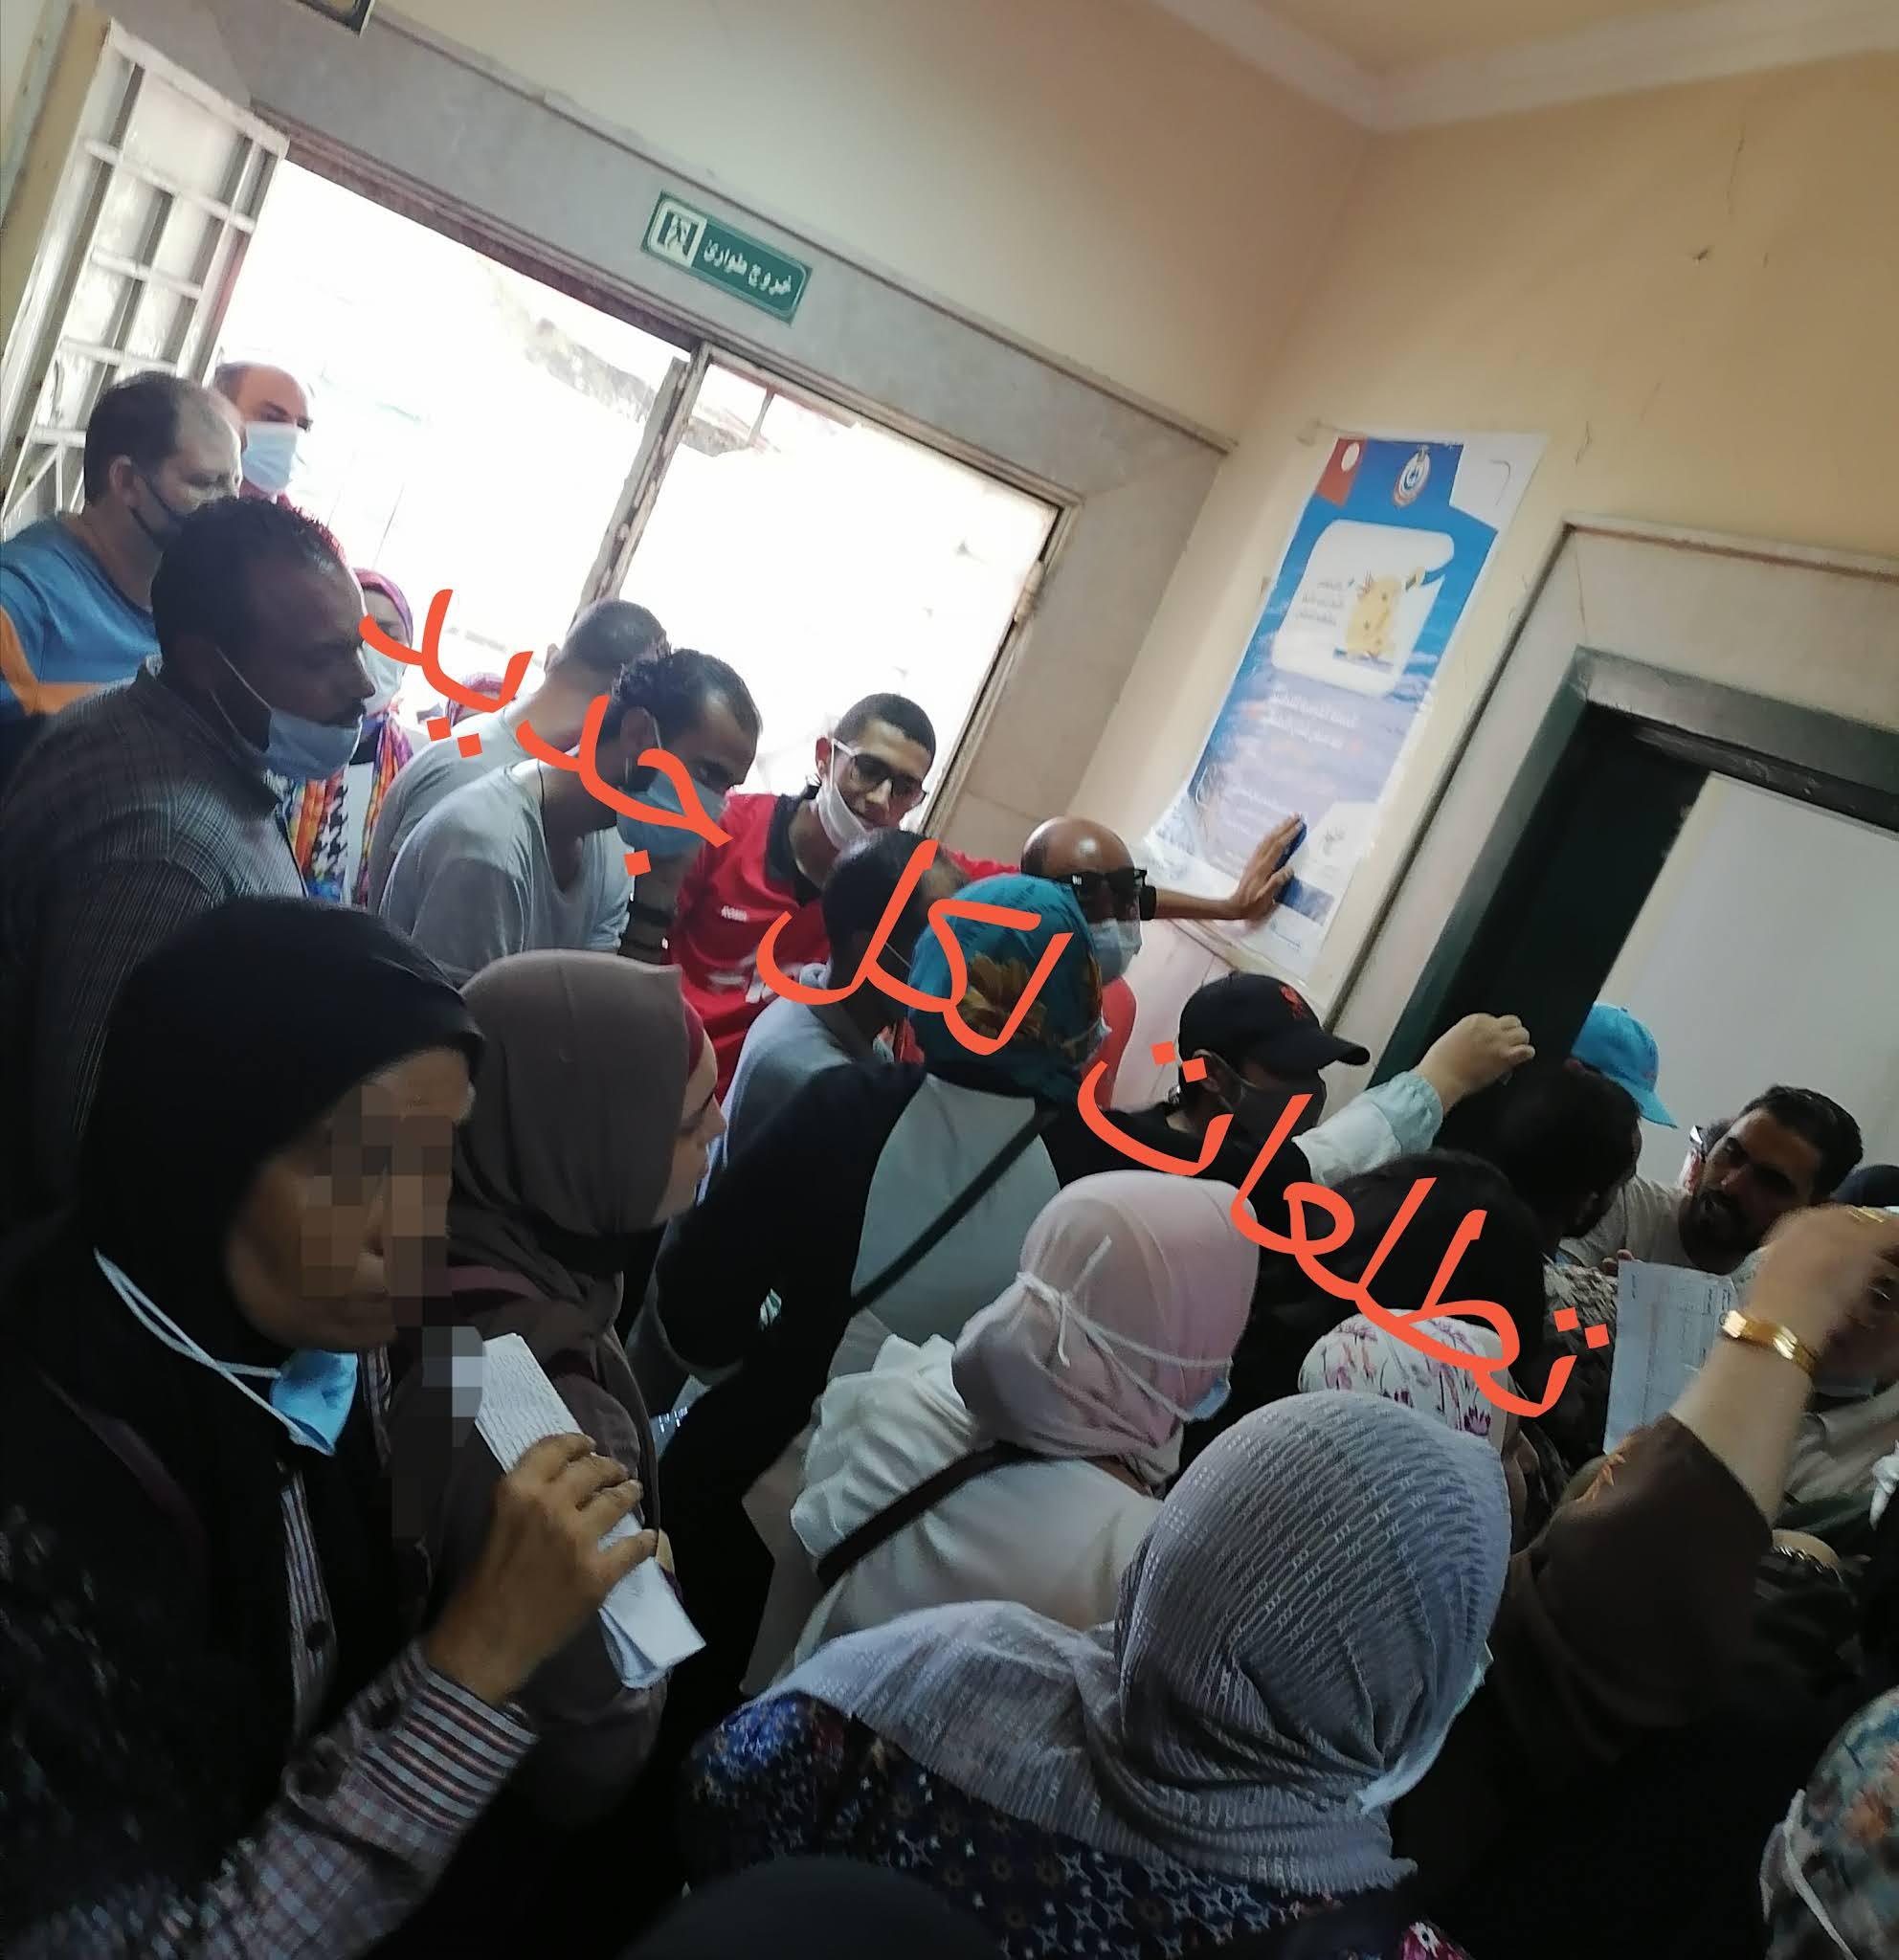 تطعيم الكورونا مصر وقاية من المرض أم رحلة إهانة وعذاب؟